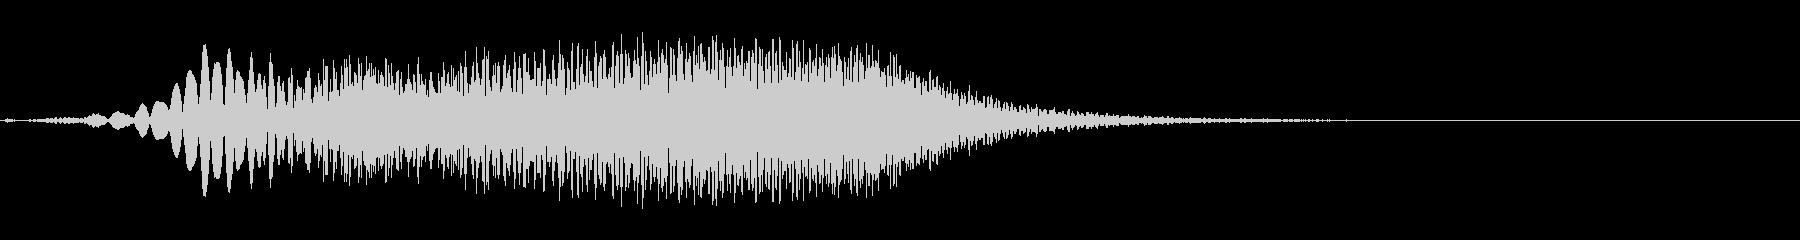 ヒューンという感じのワープの音 フワーンの未再生の波形